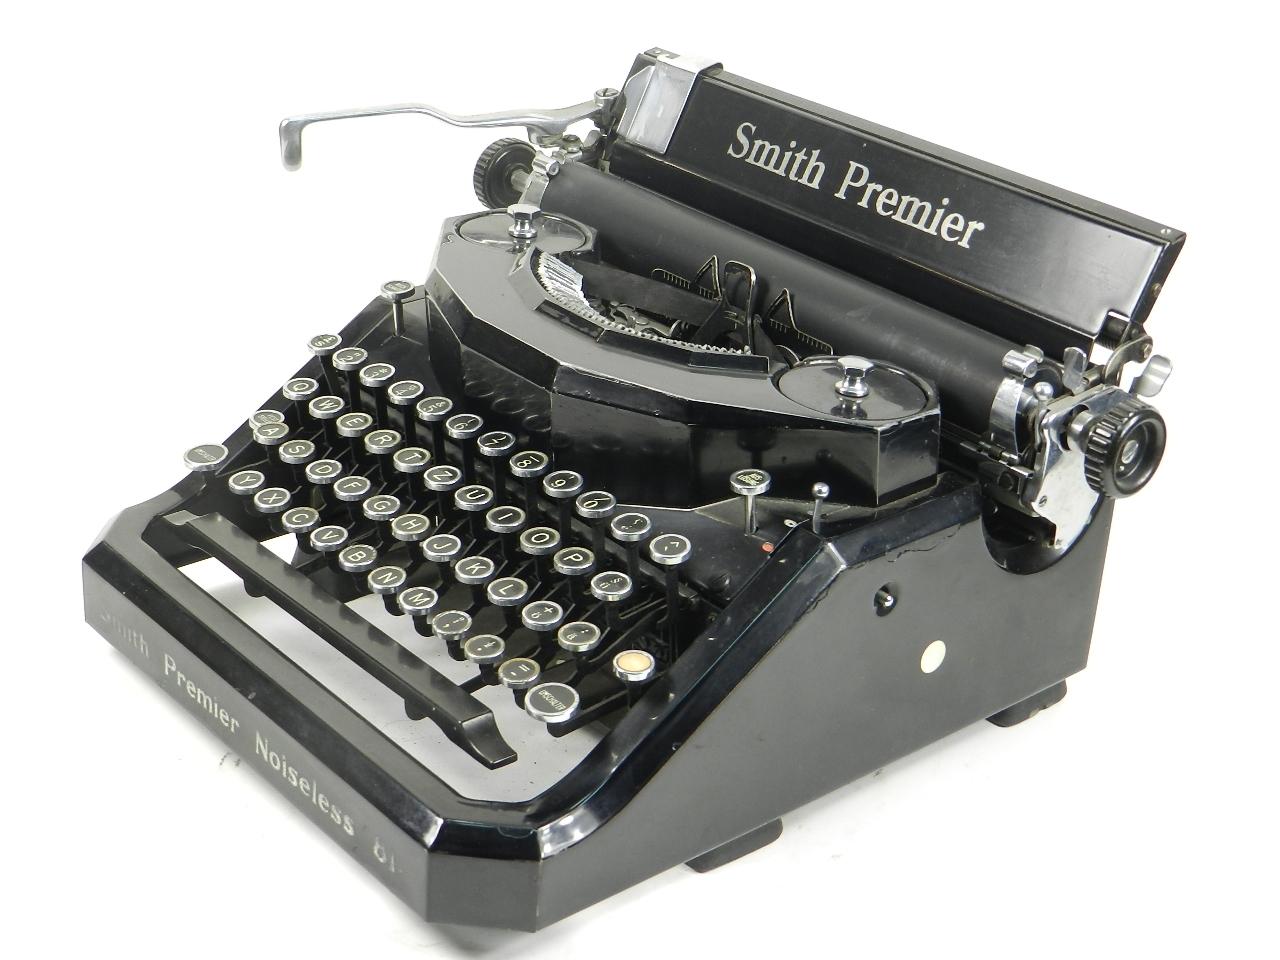 Imagen SMITH PREMIER NOISELESS 81 AÑO 1935 30183